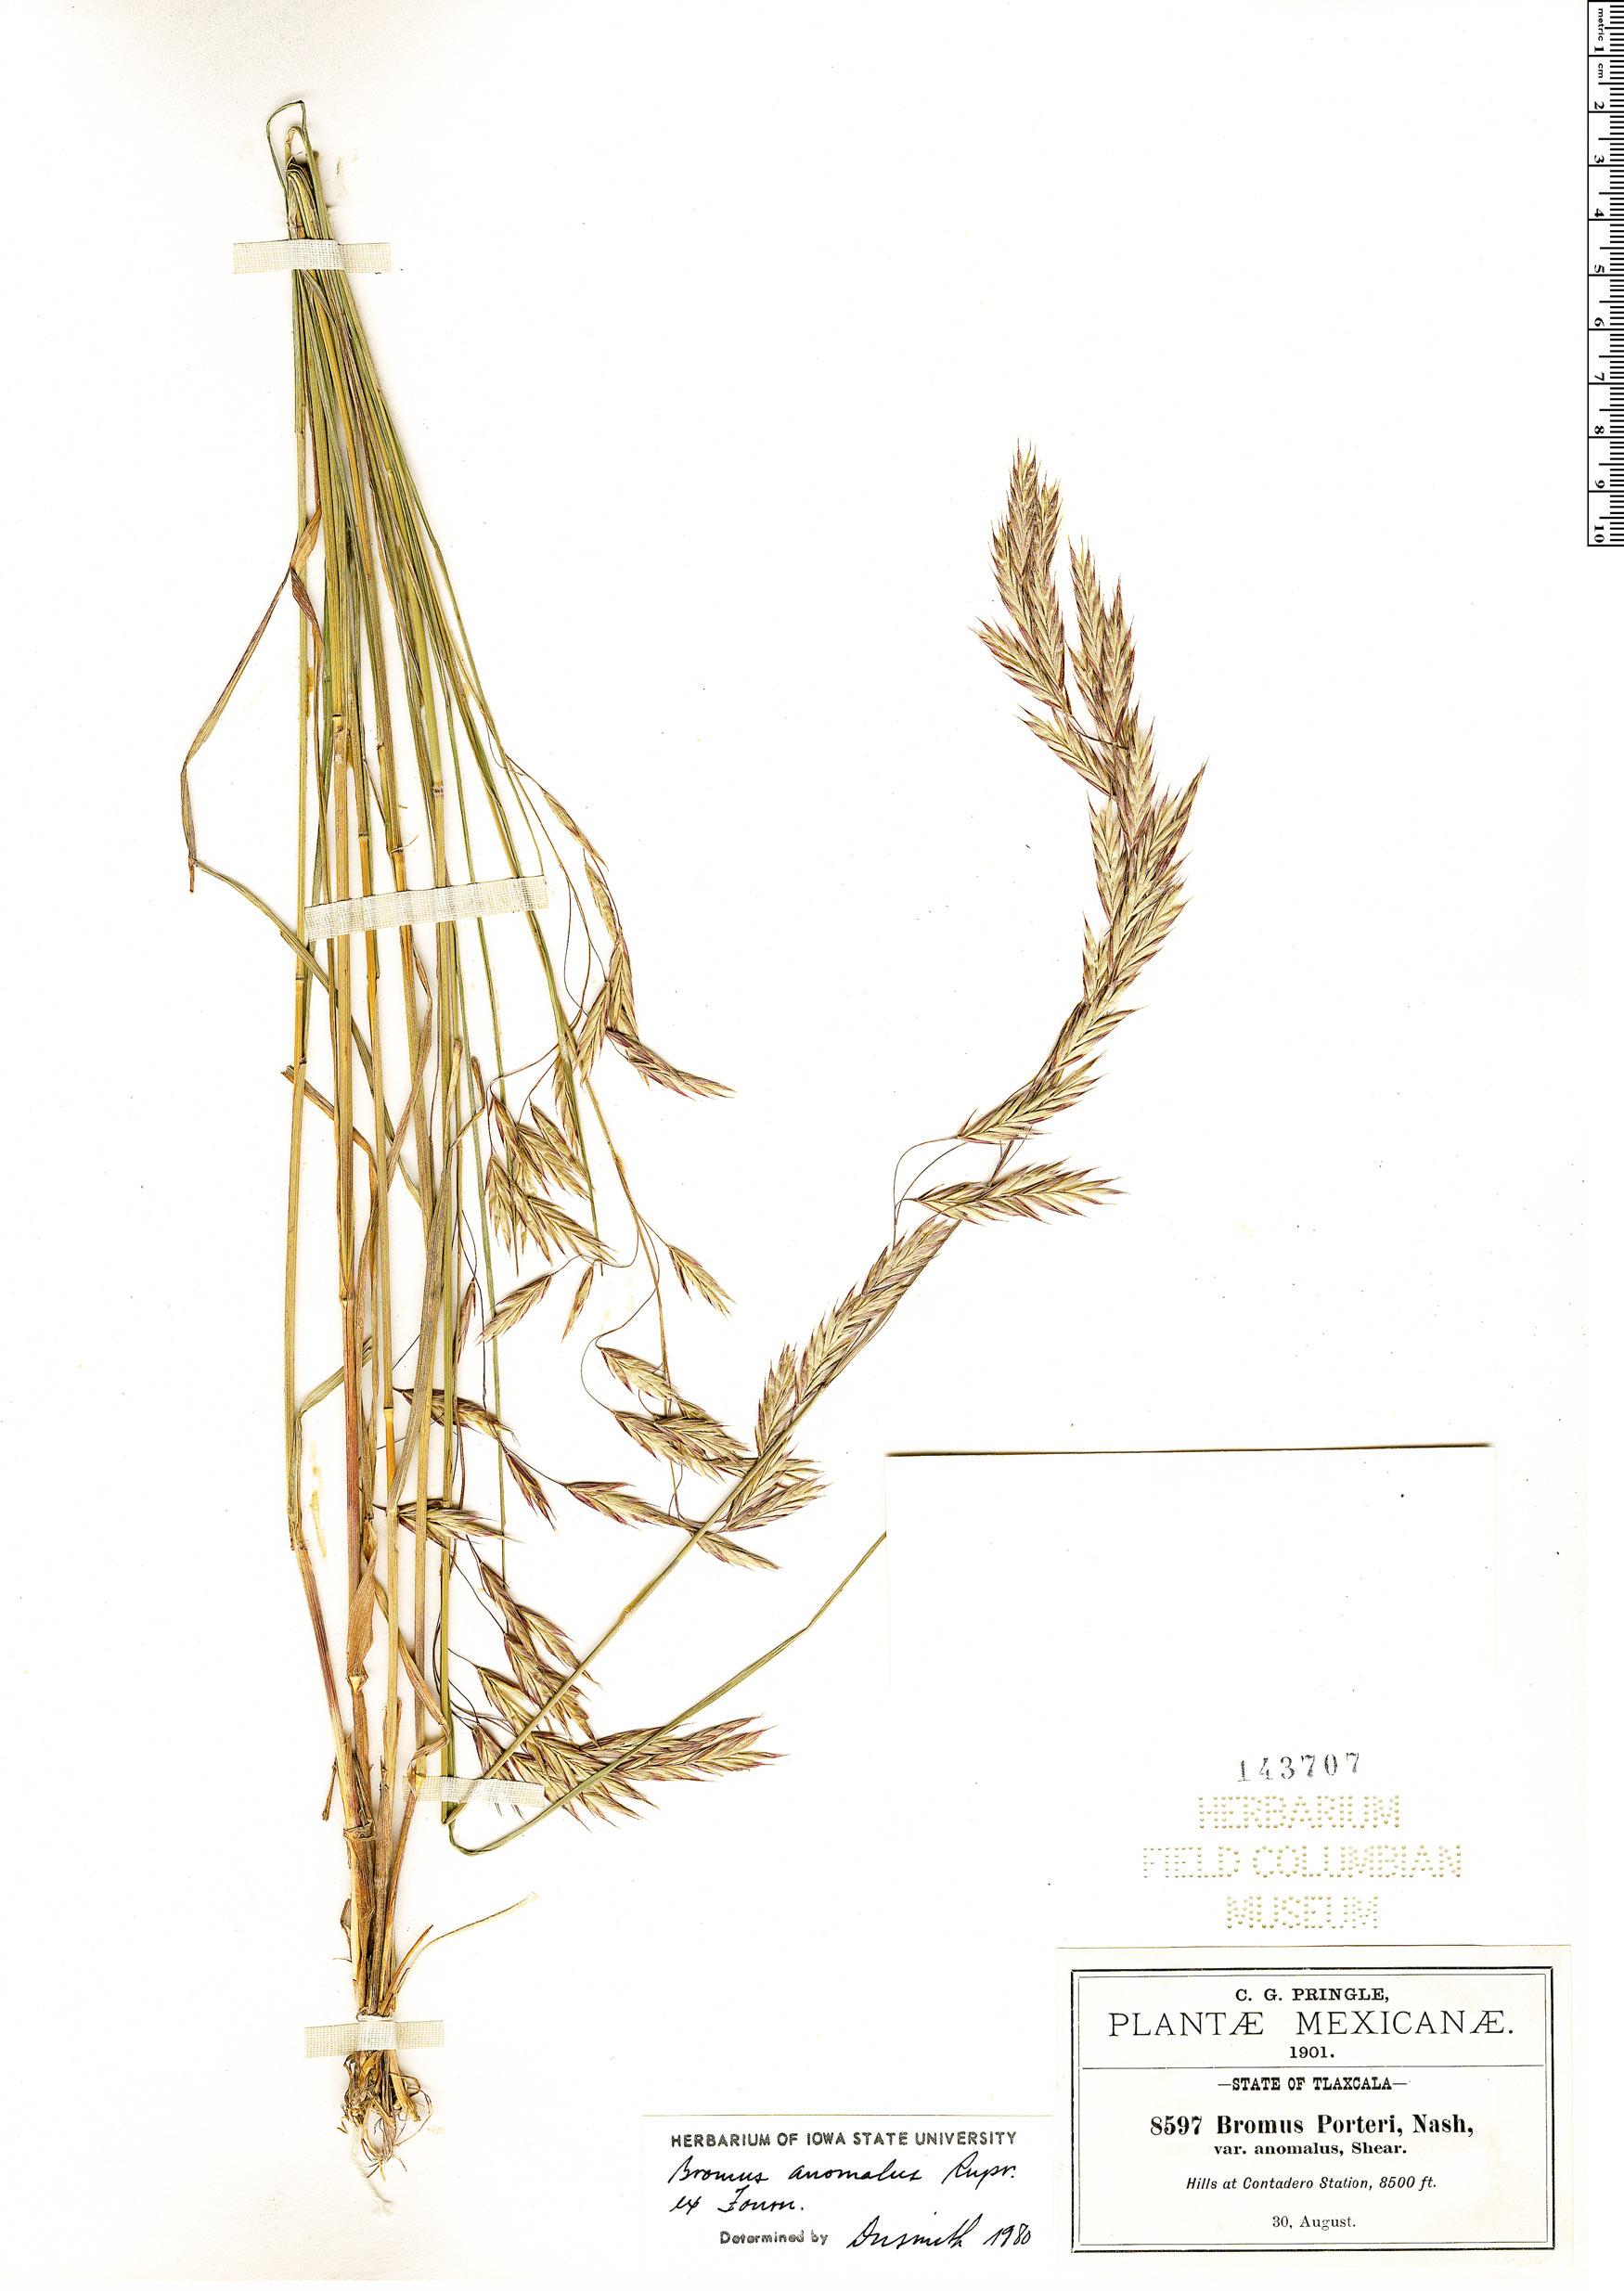 Specimen: Bromus anomalus